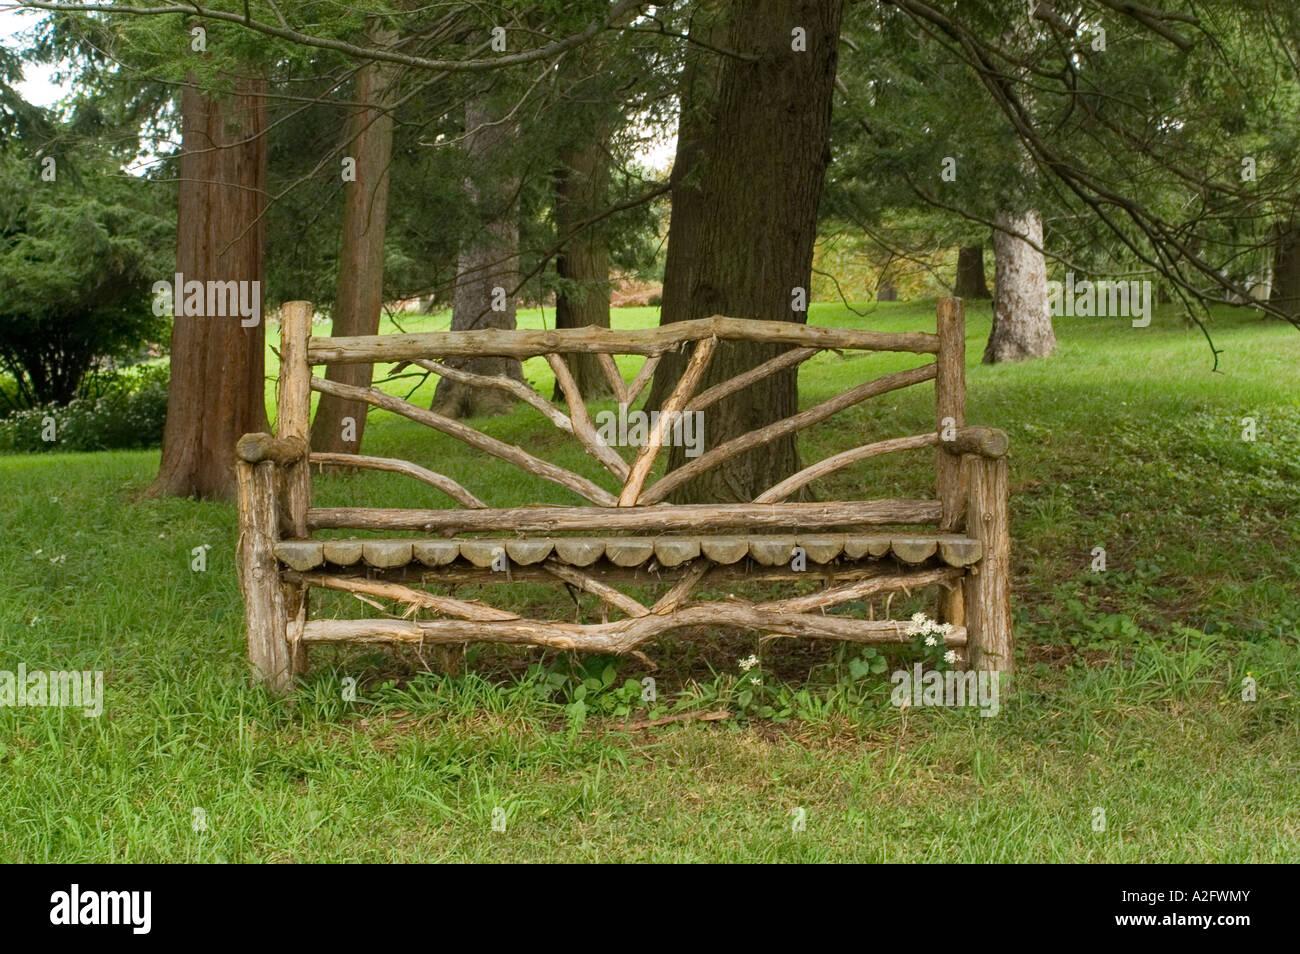 Sunnyside Garden Stock Photos & Sunnyside Garden Stock Images - Alamy